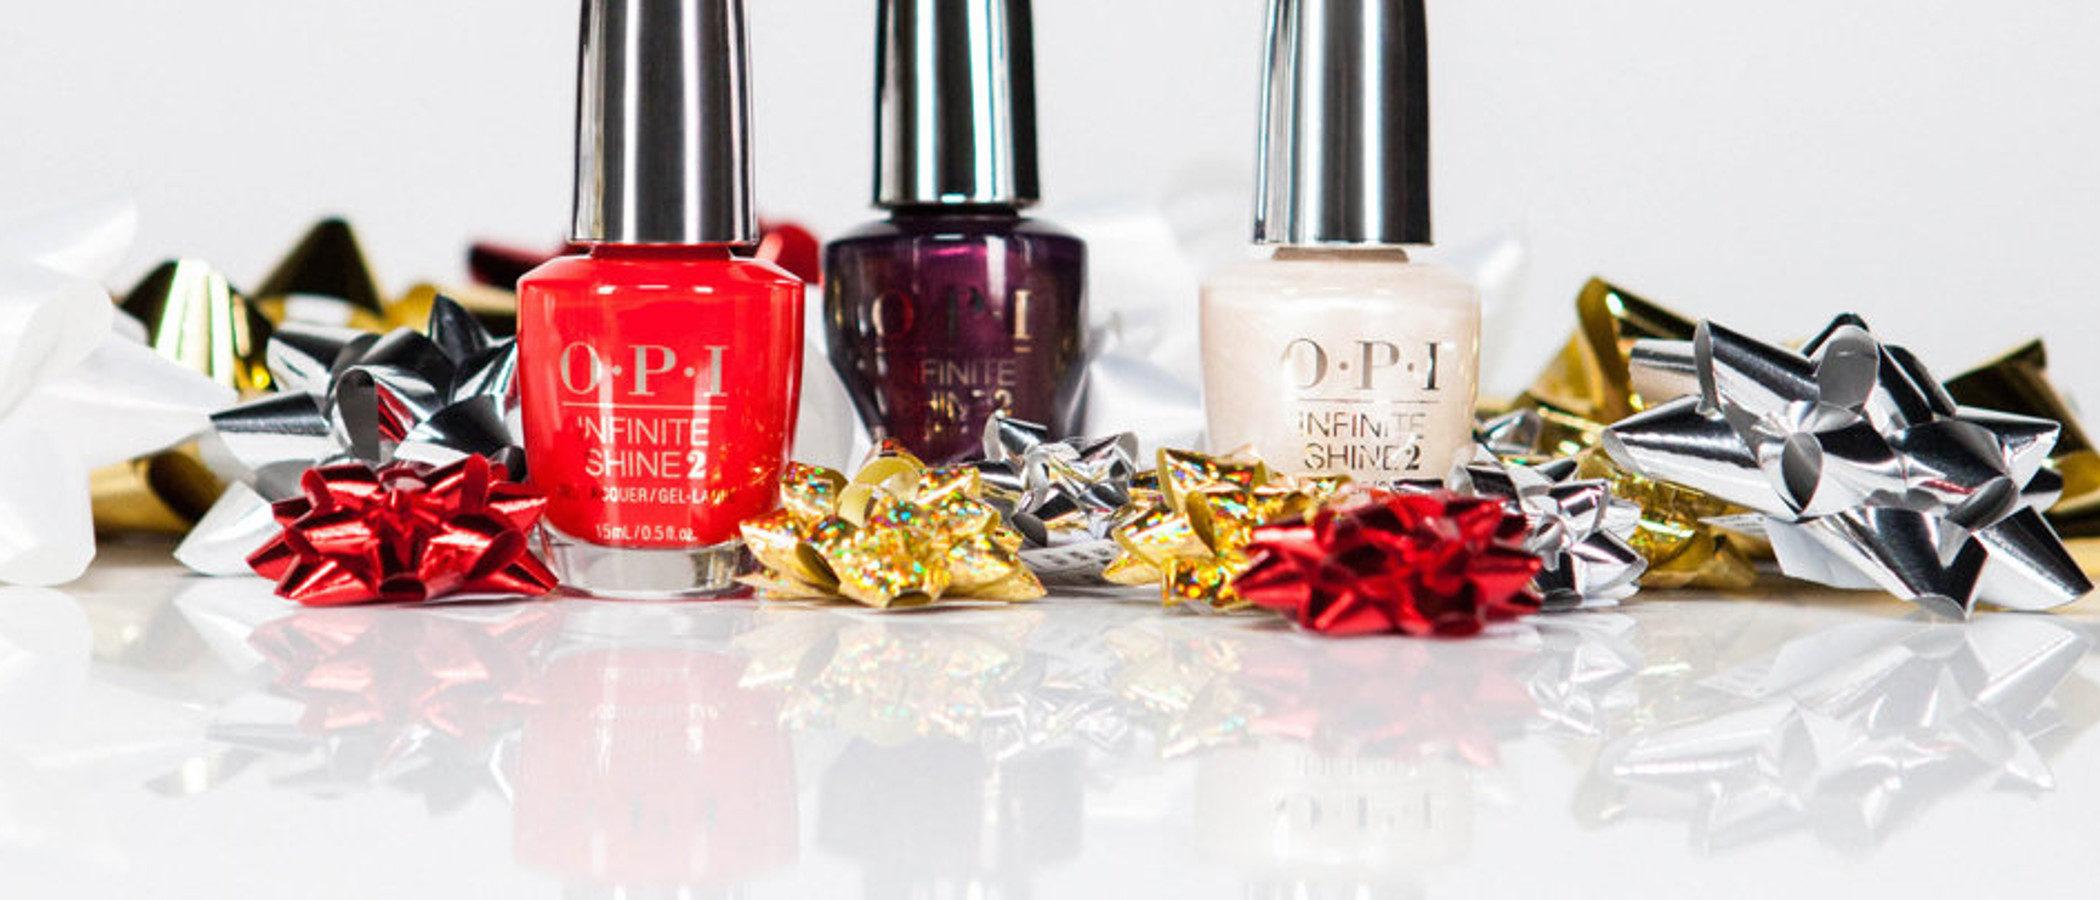 OPI presenta una nueva colección de pintauñas para celebrar la Navidad 2017